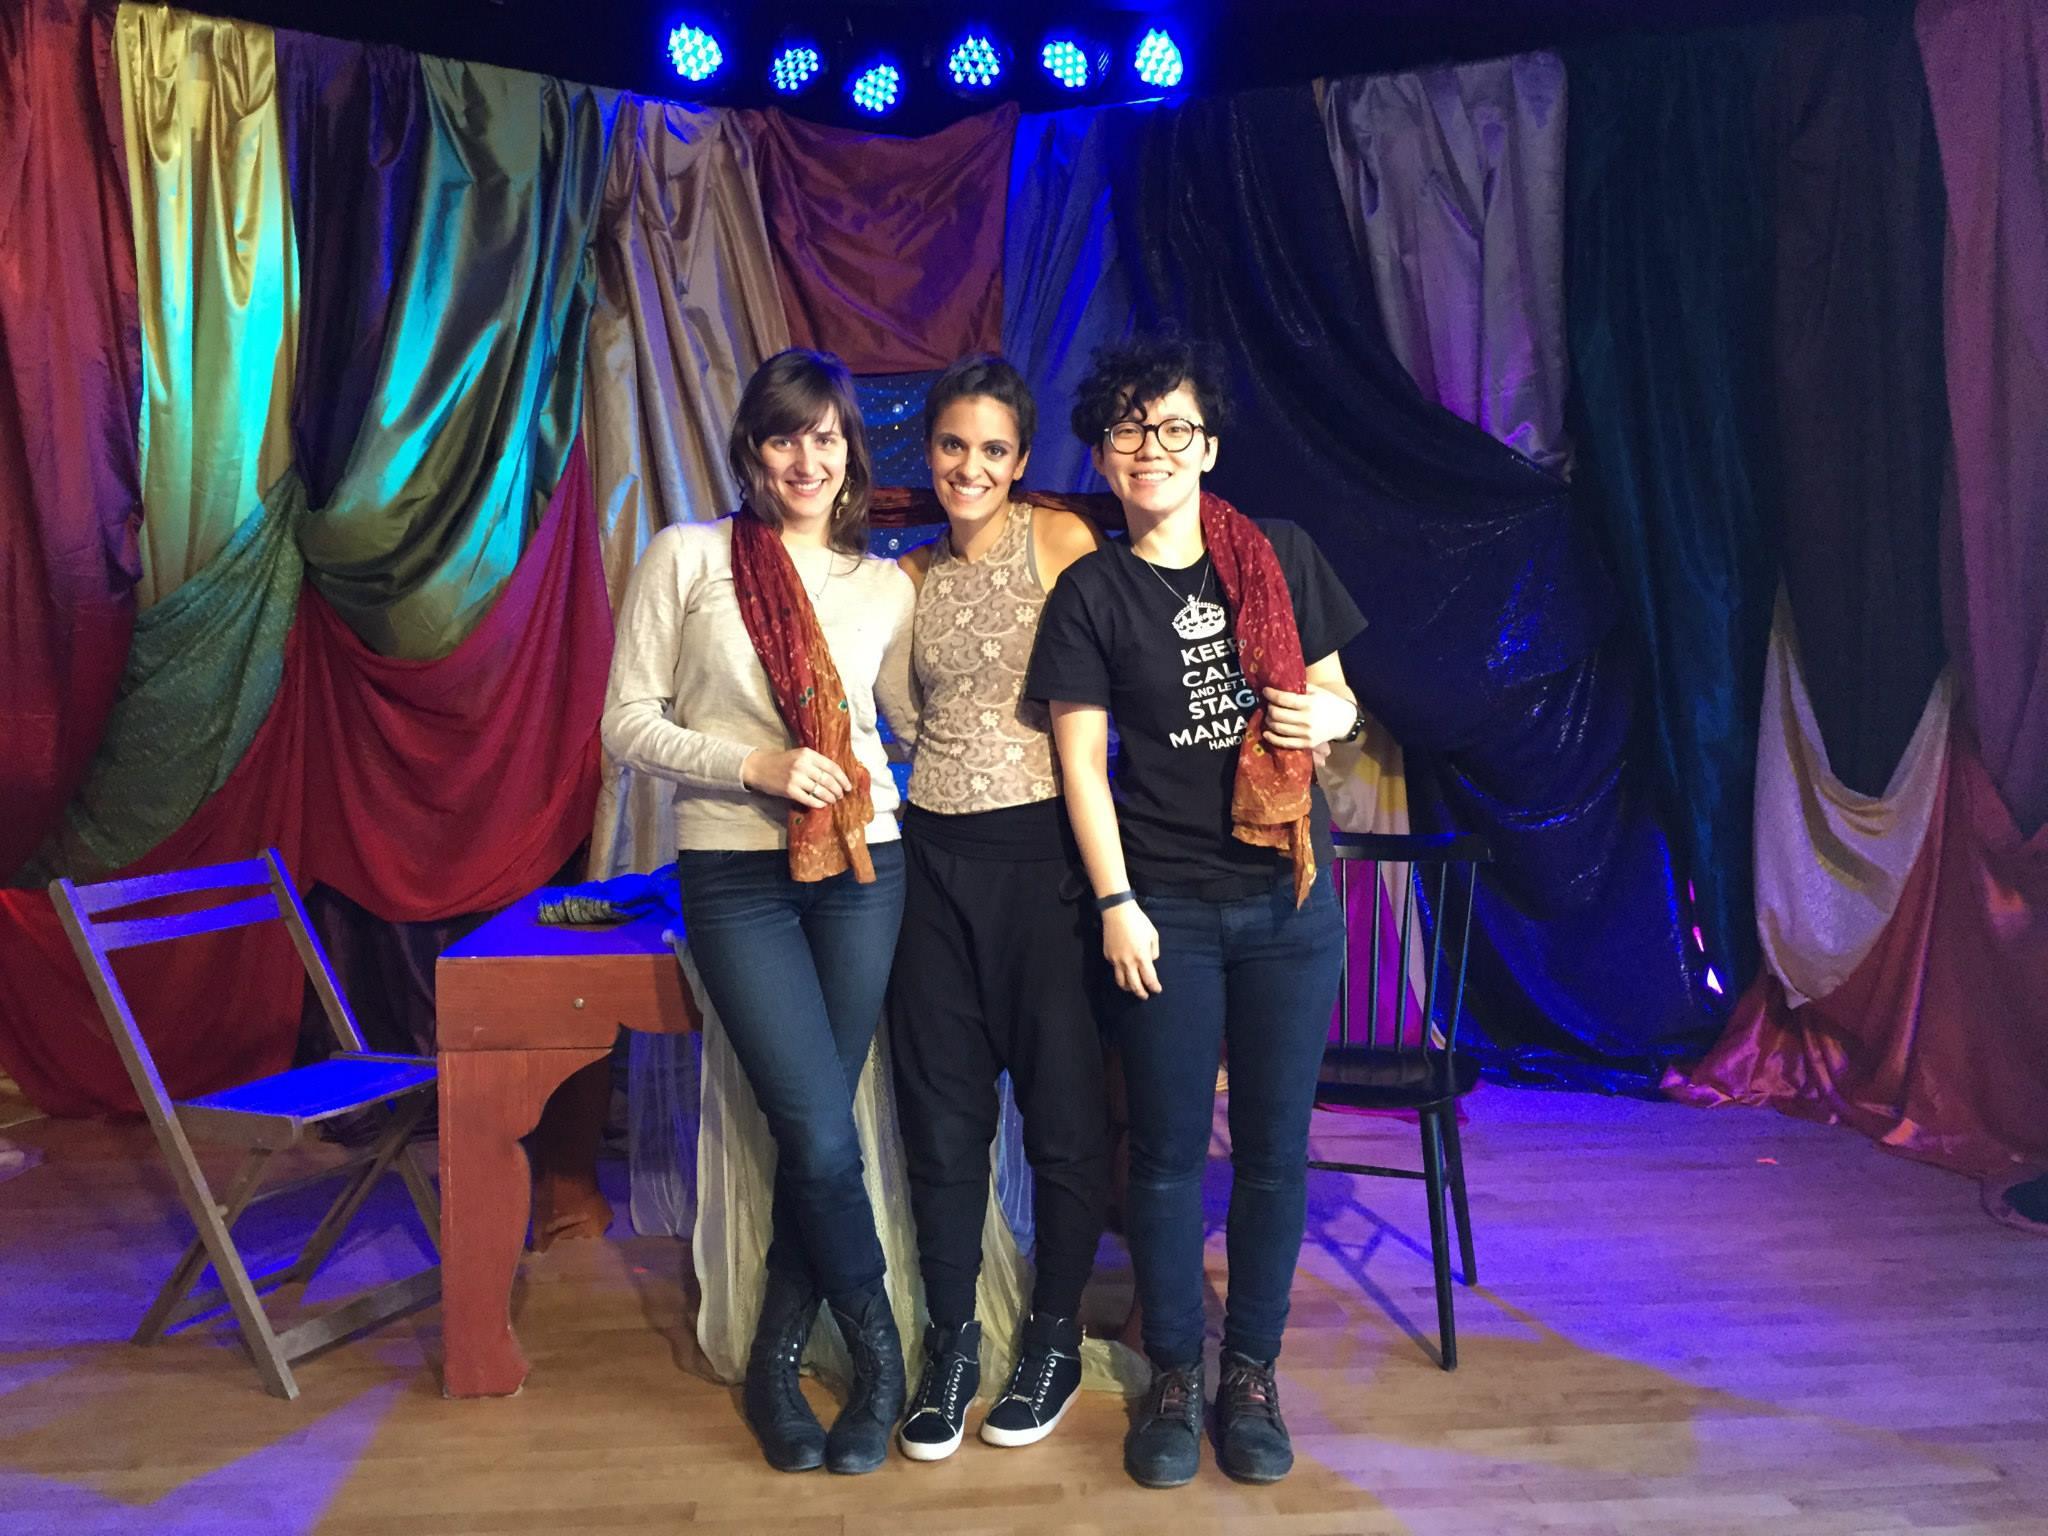 Tara Elliott, Nadia P Manzoor, and Haejin Han